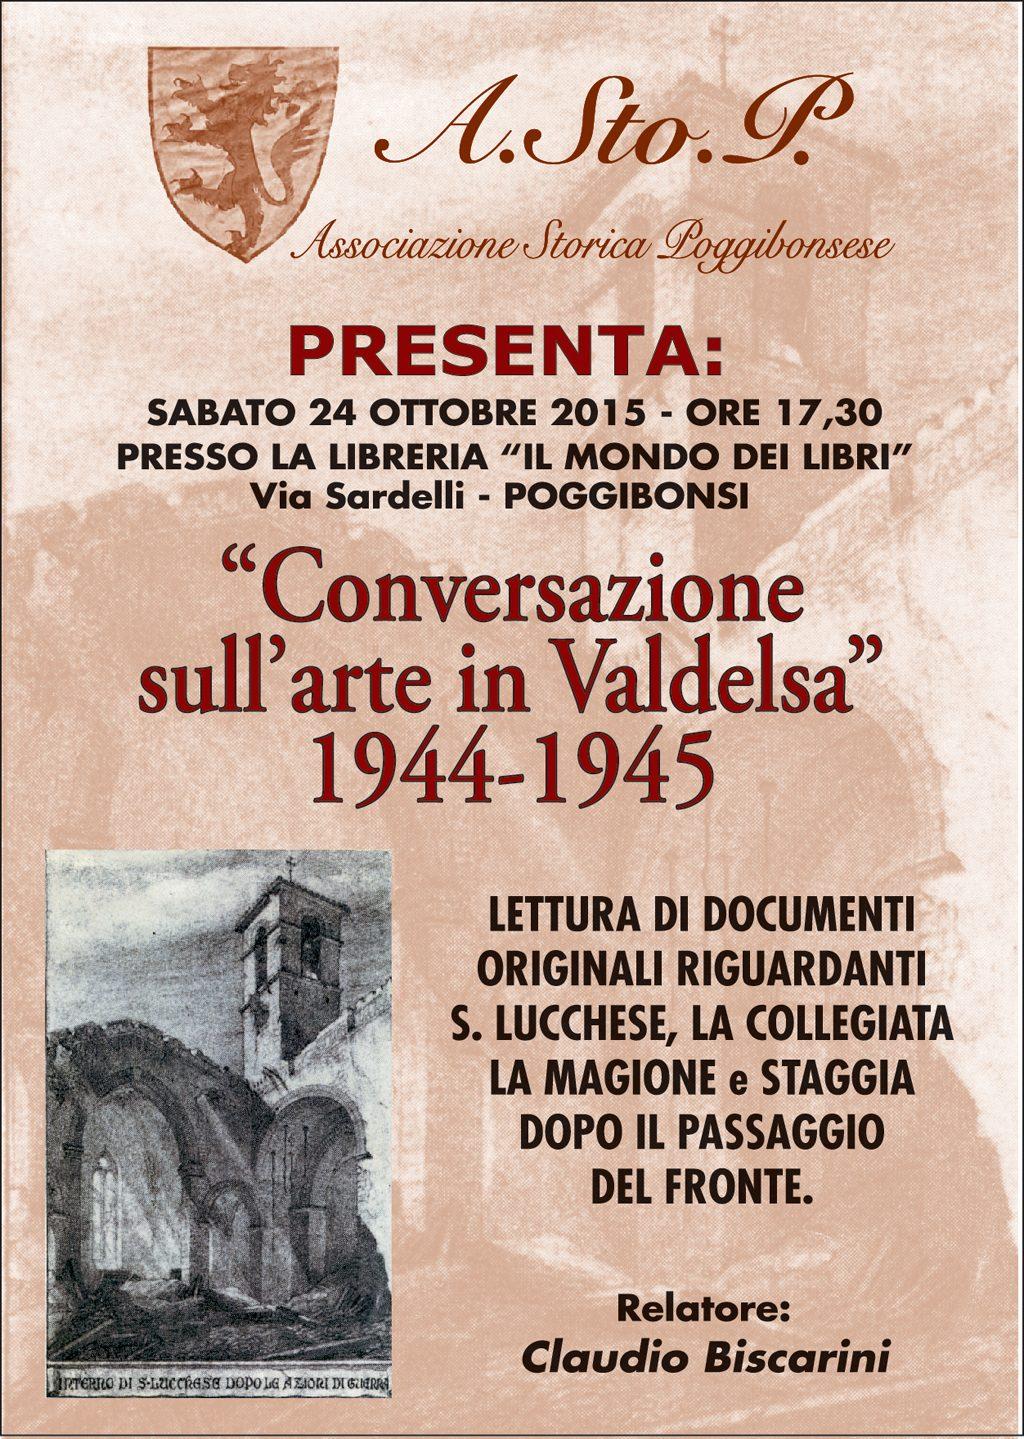 Claudio Biscarini: Conversazione Sull'Arte In Valdelsa 1944-1945